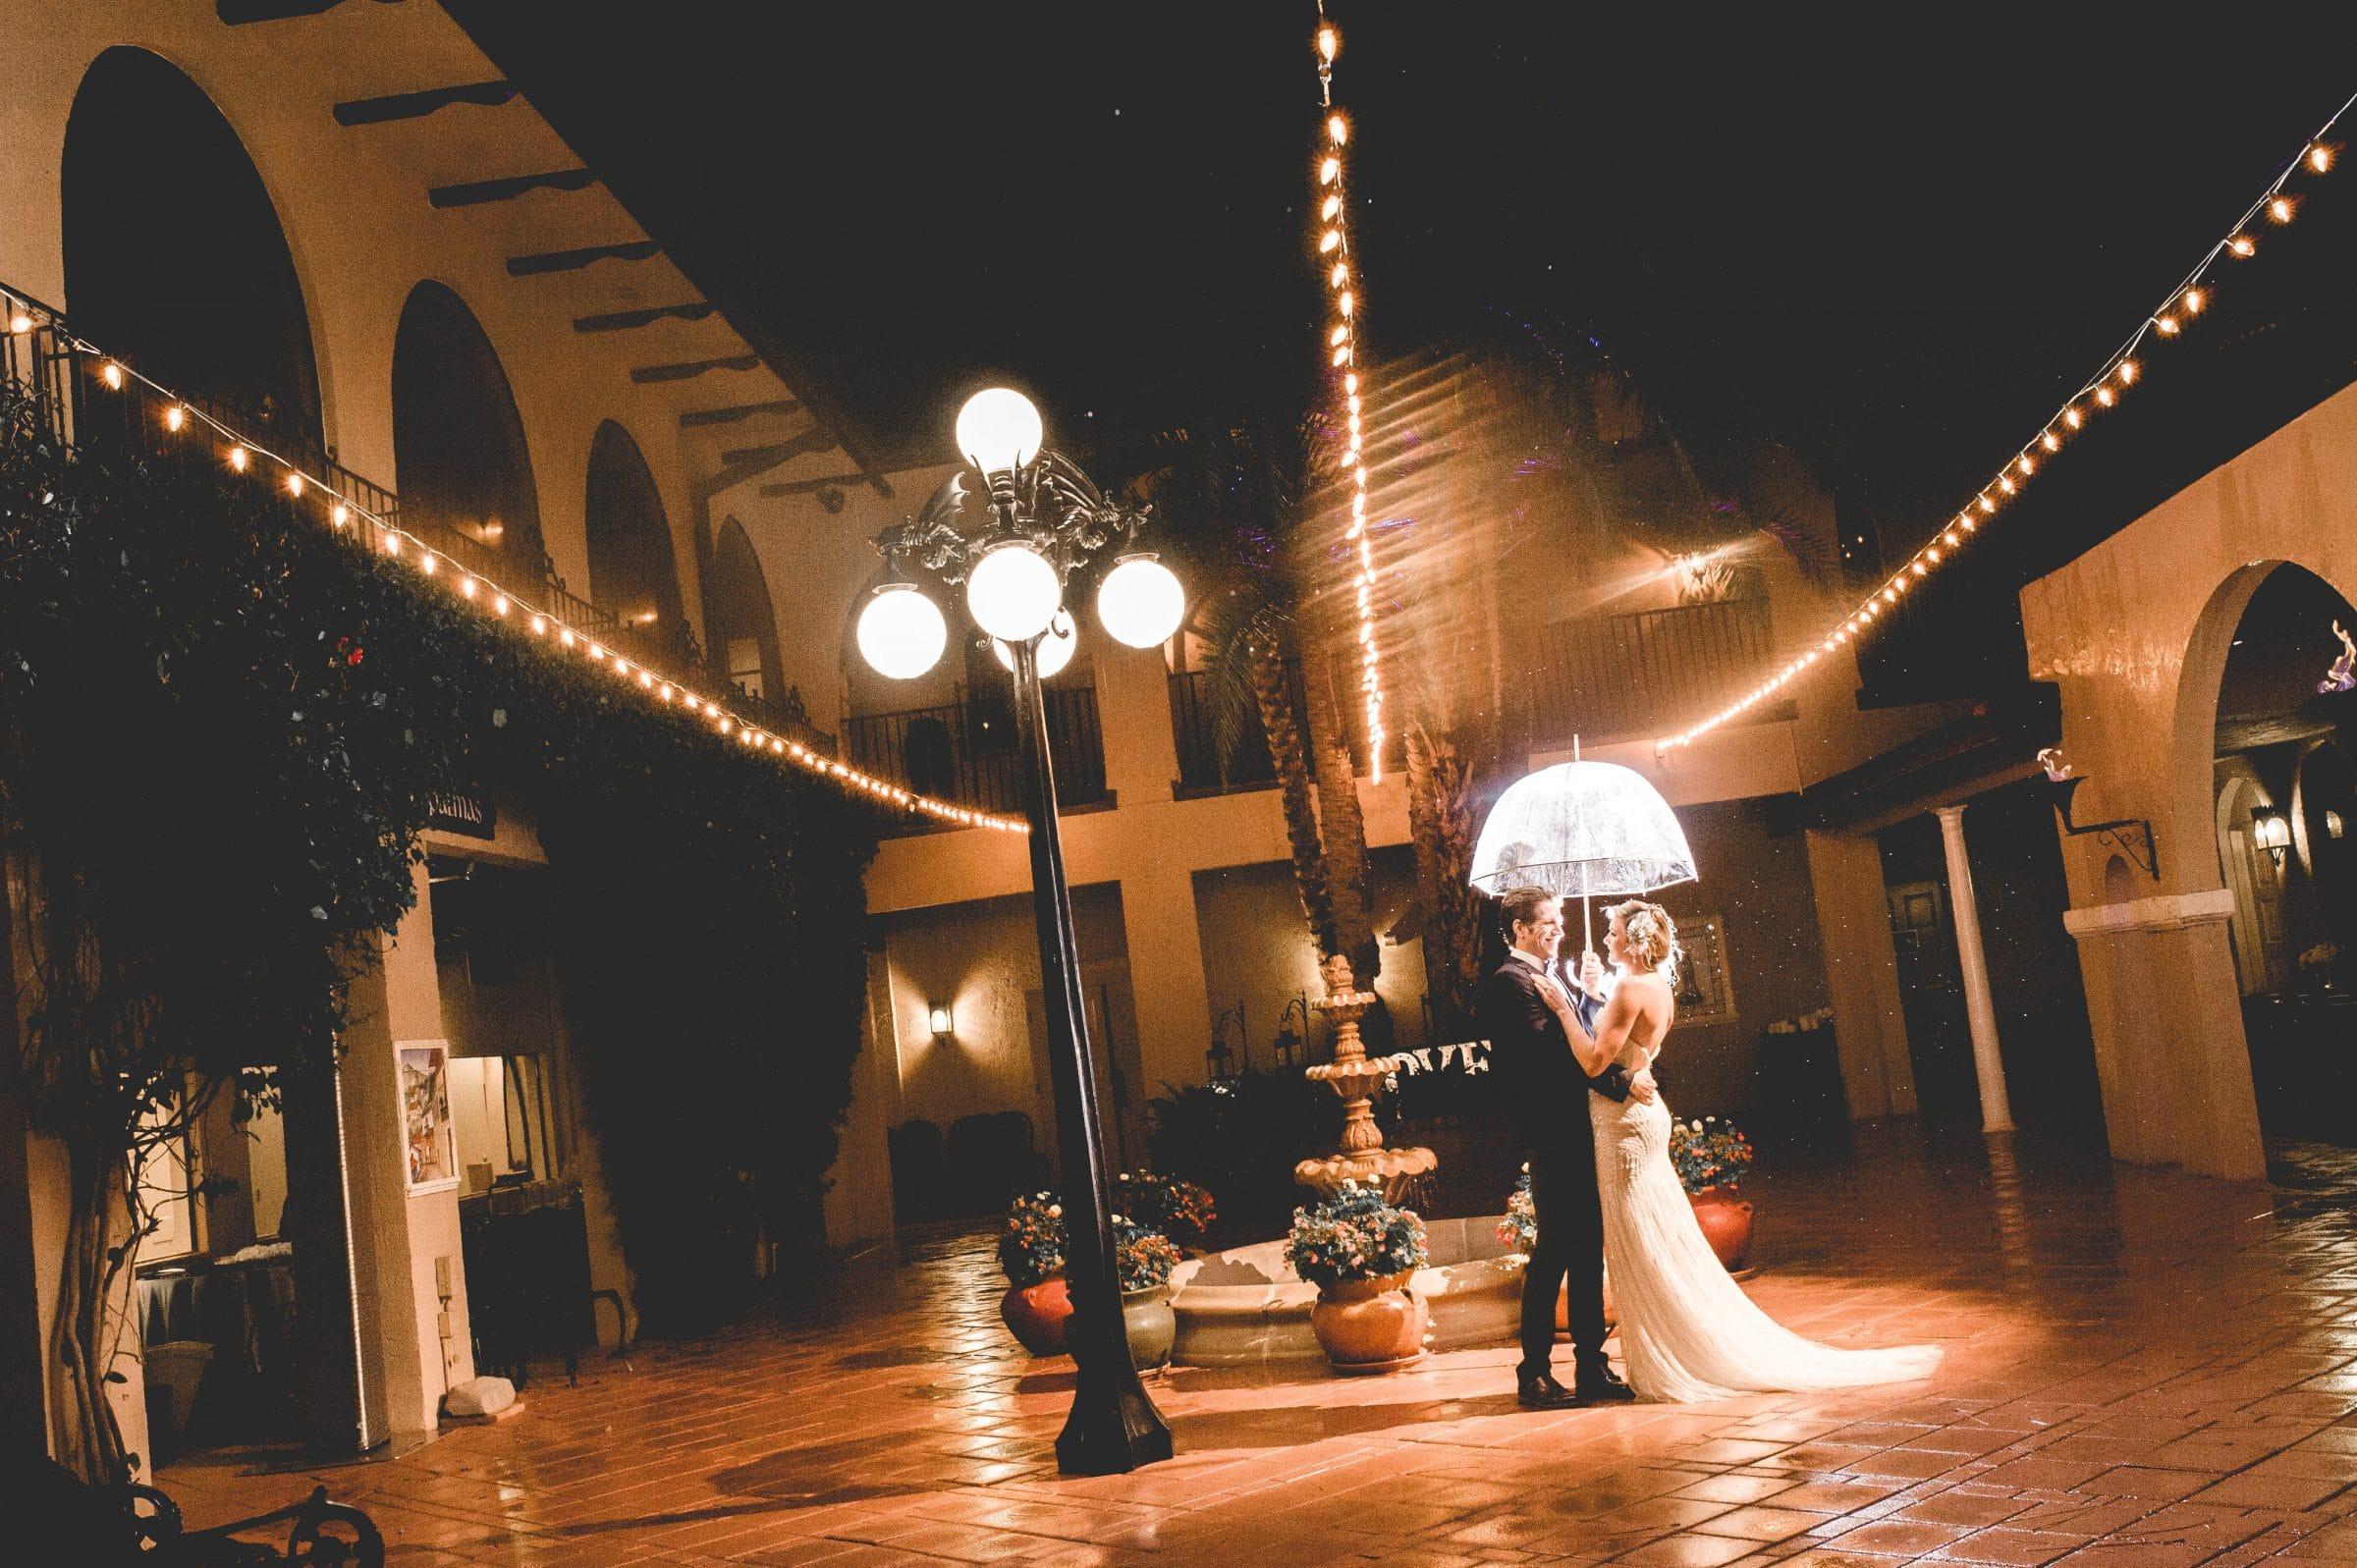 Bride and groom with umbrella in the rainy Plaza de las Palmas